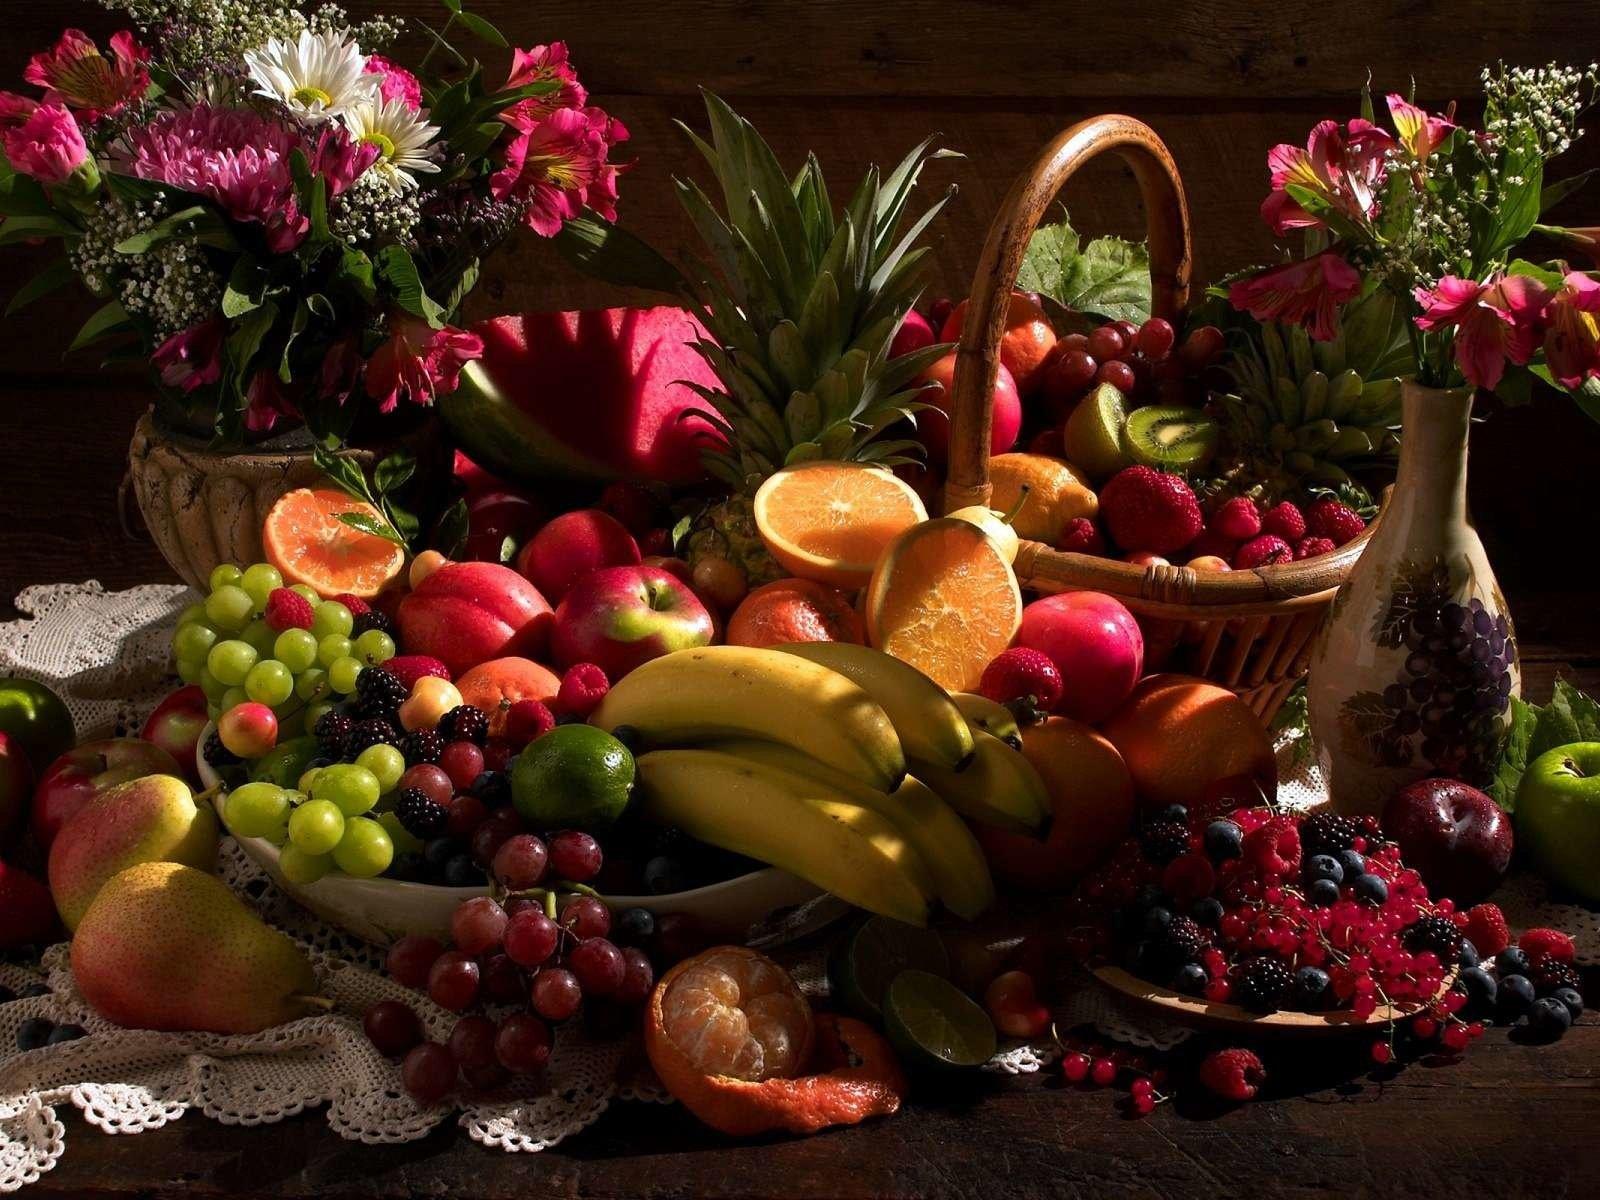 Картинки цветов и фруктов ягод, люблю маму день